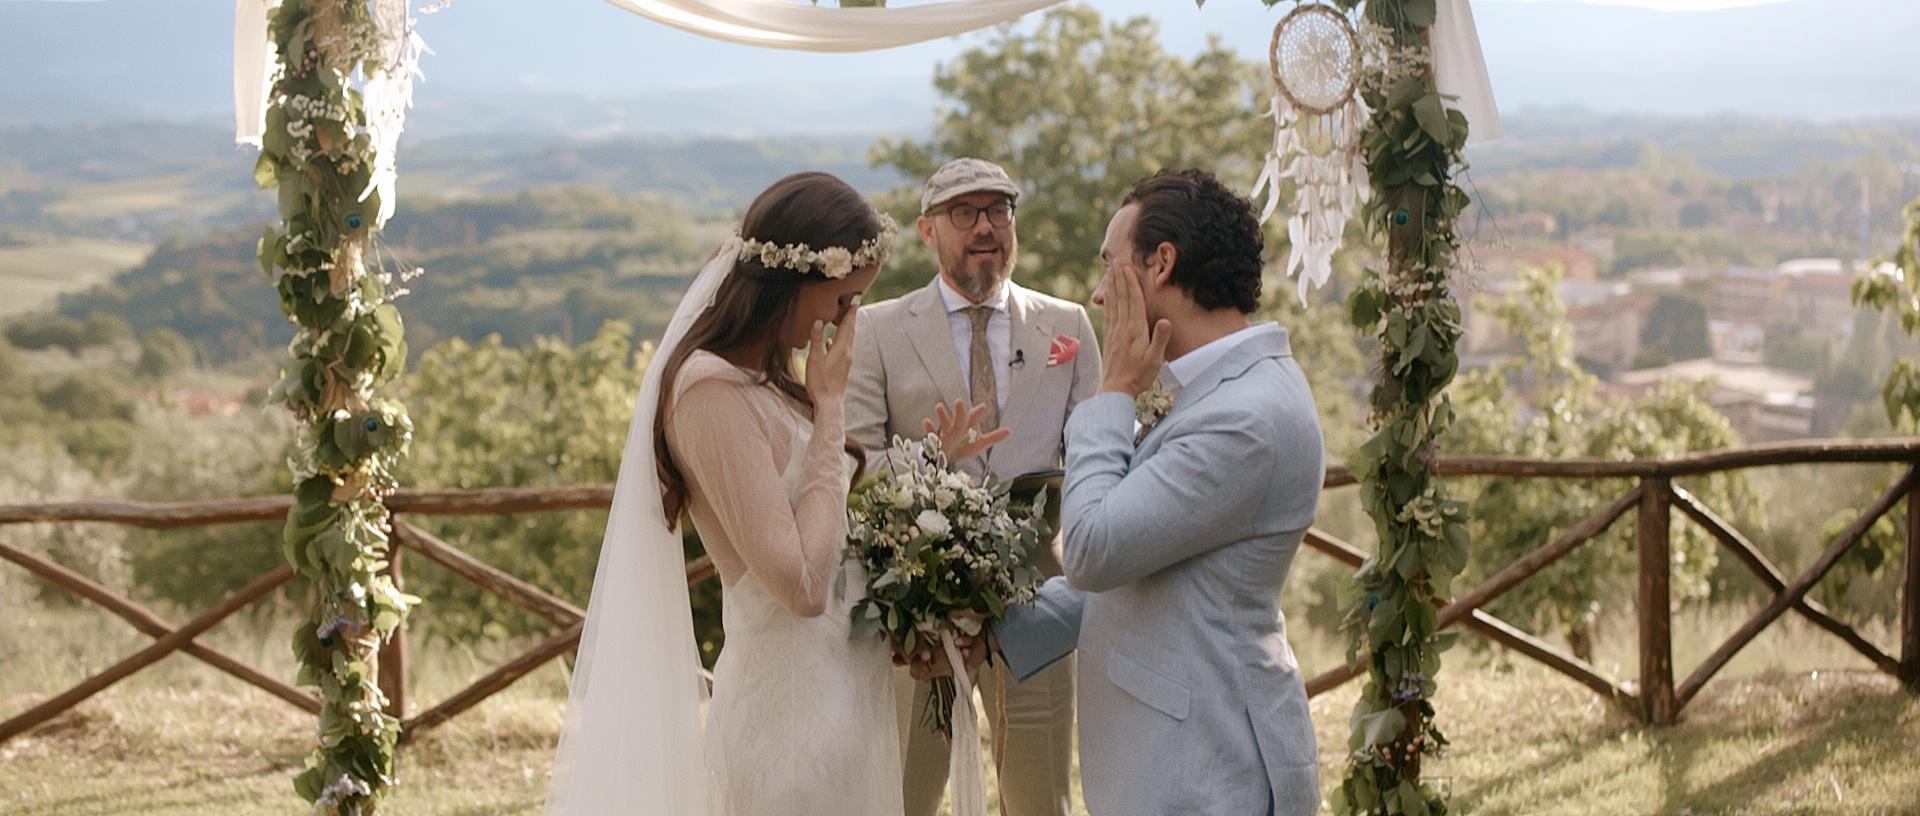 Alex + Michael | Arezzo, Italy | Castelfranco di Sopra